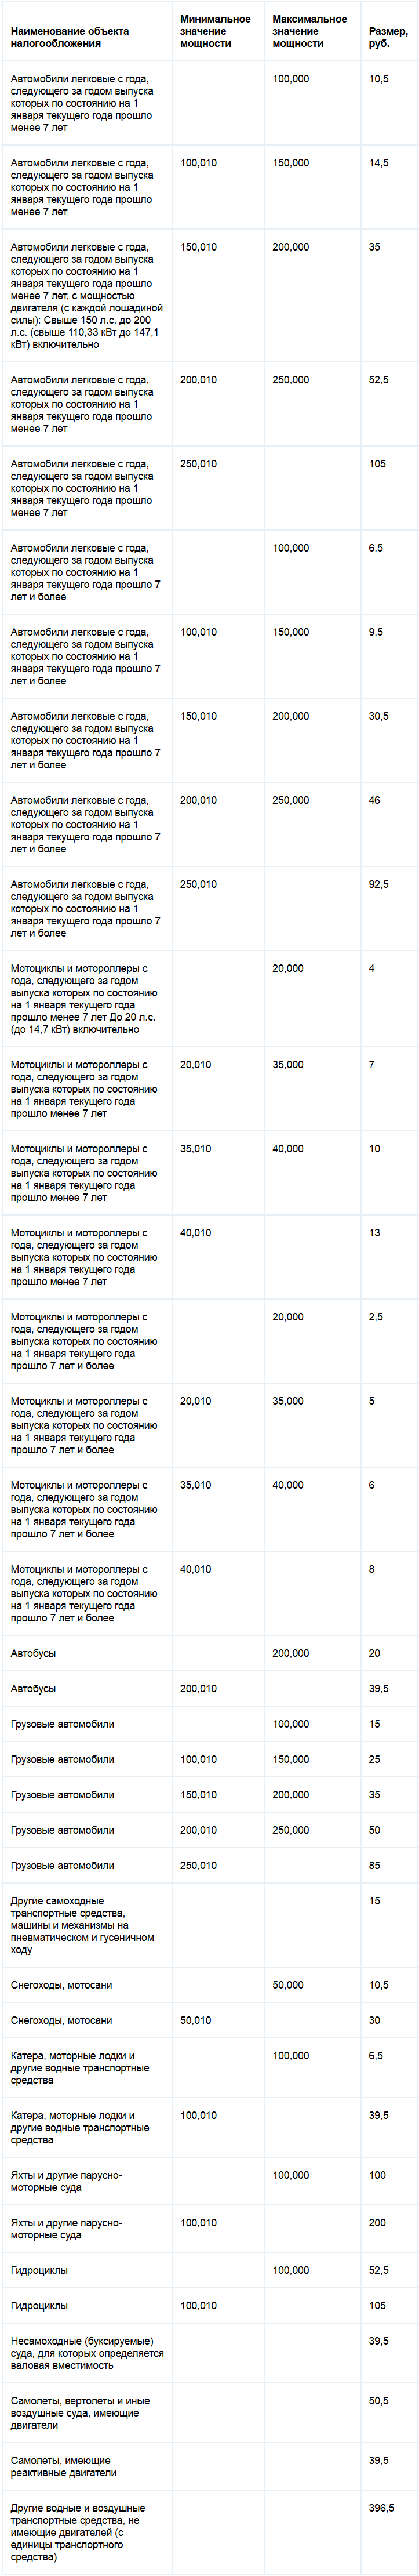 Ставки транспортного налога в приморском крае за 2014 прогноз ставок csgo